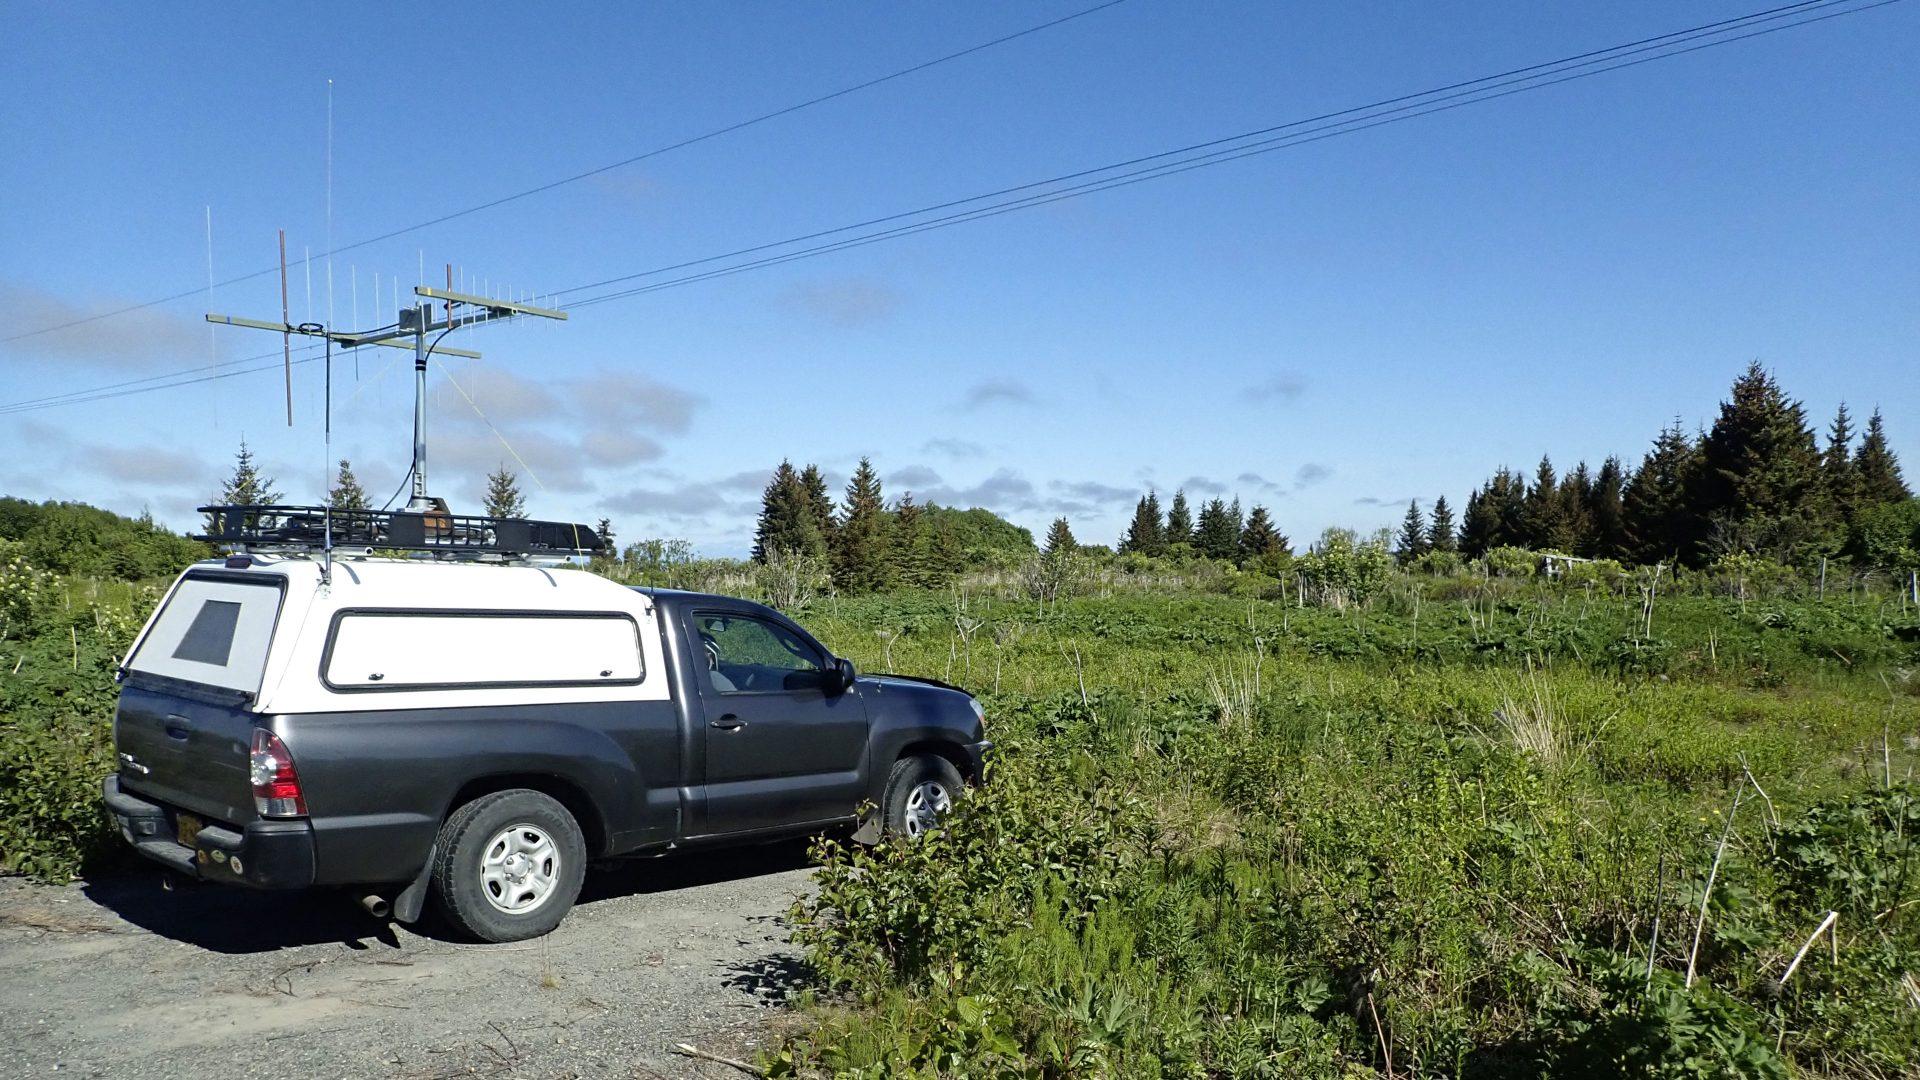 VHF/UHF contest rover in Homer, Alaska